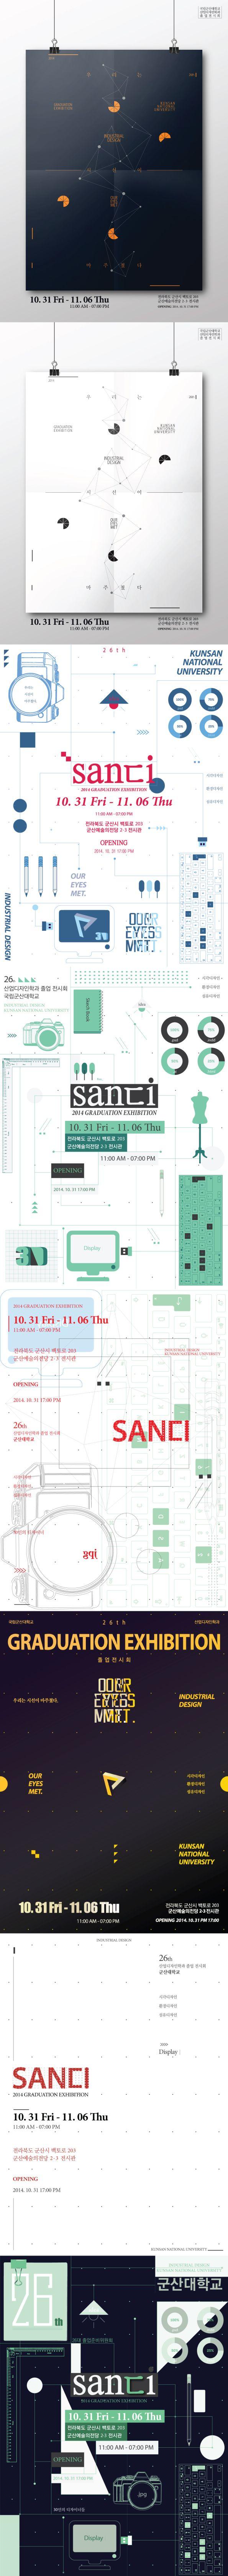 군산대학교 졸업전시회 포스터 개인작